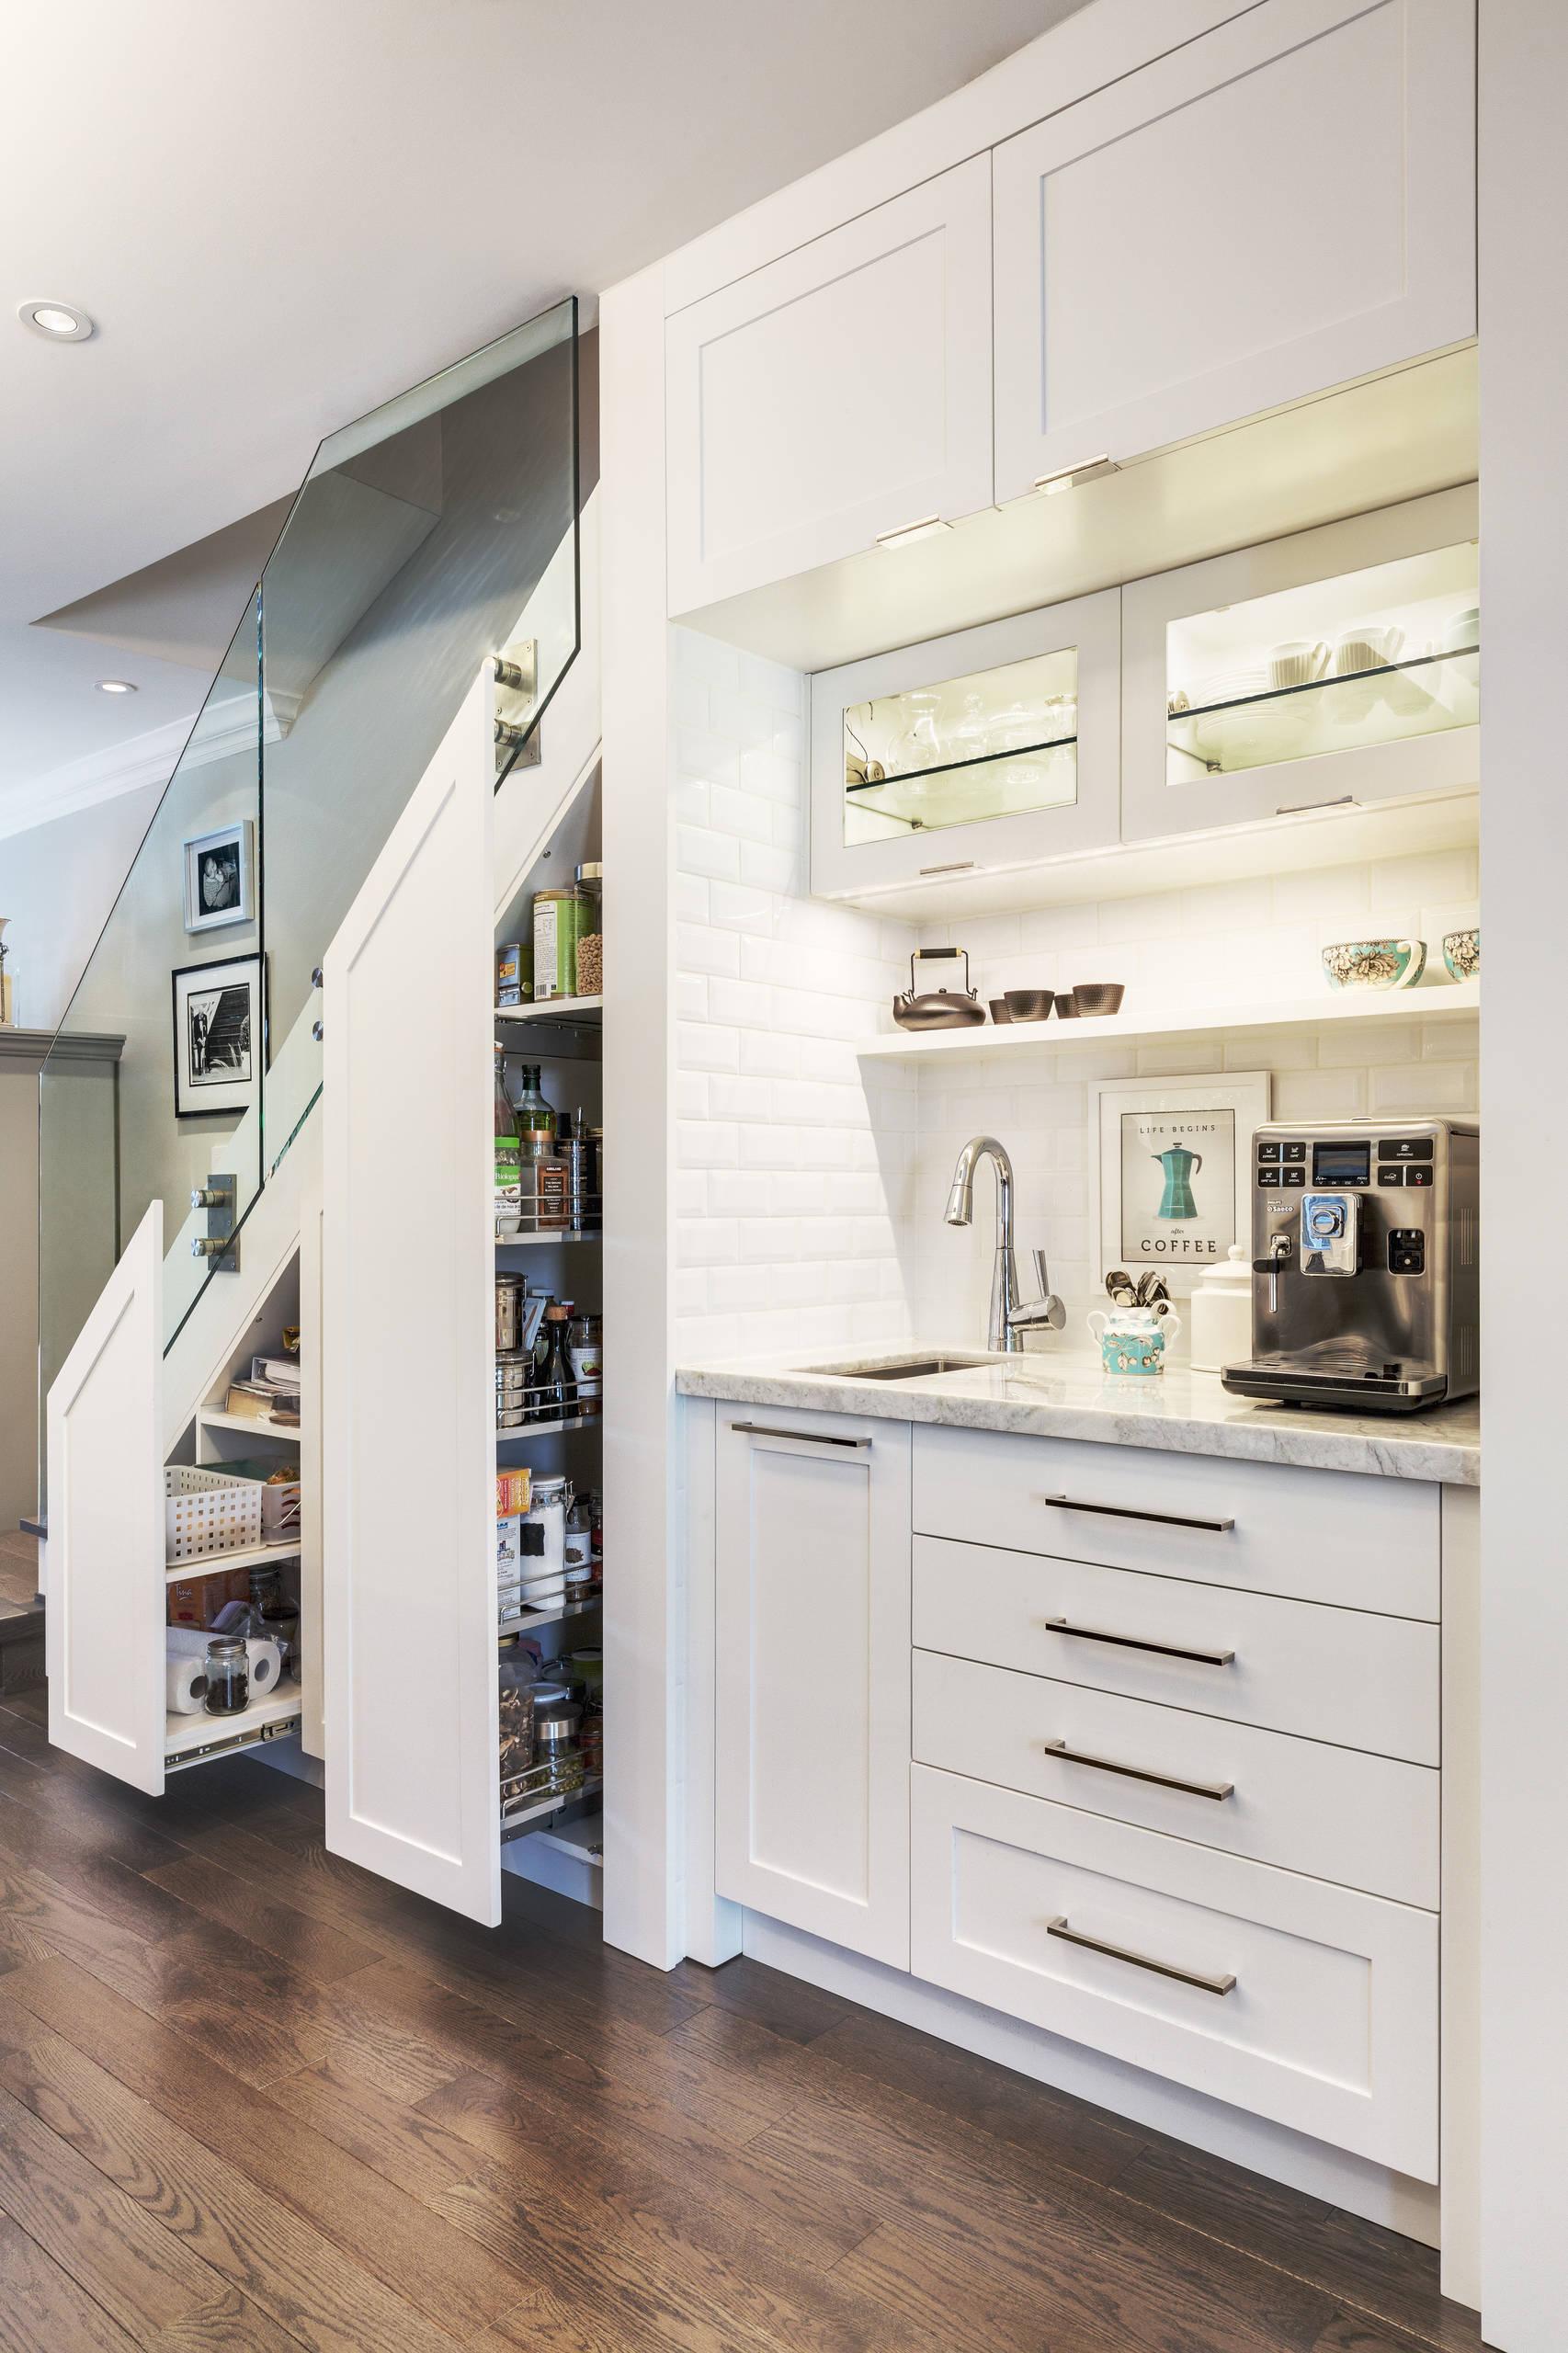 Kitchen bar and storage